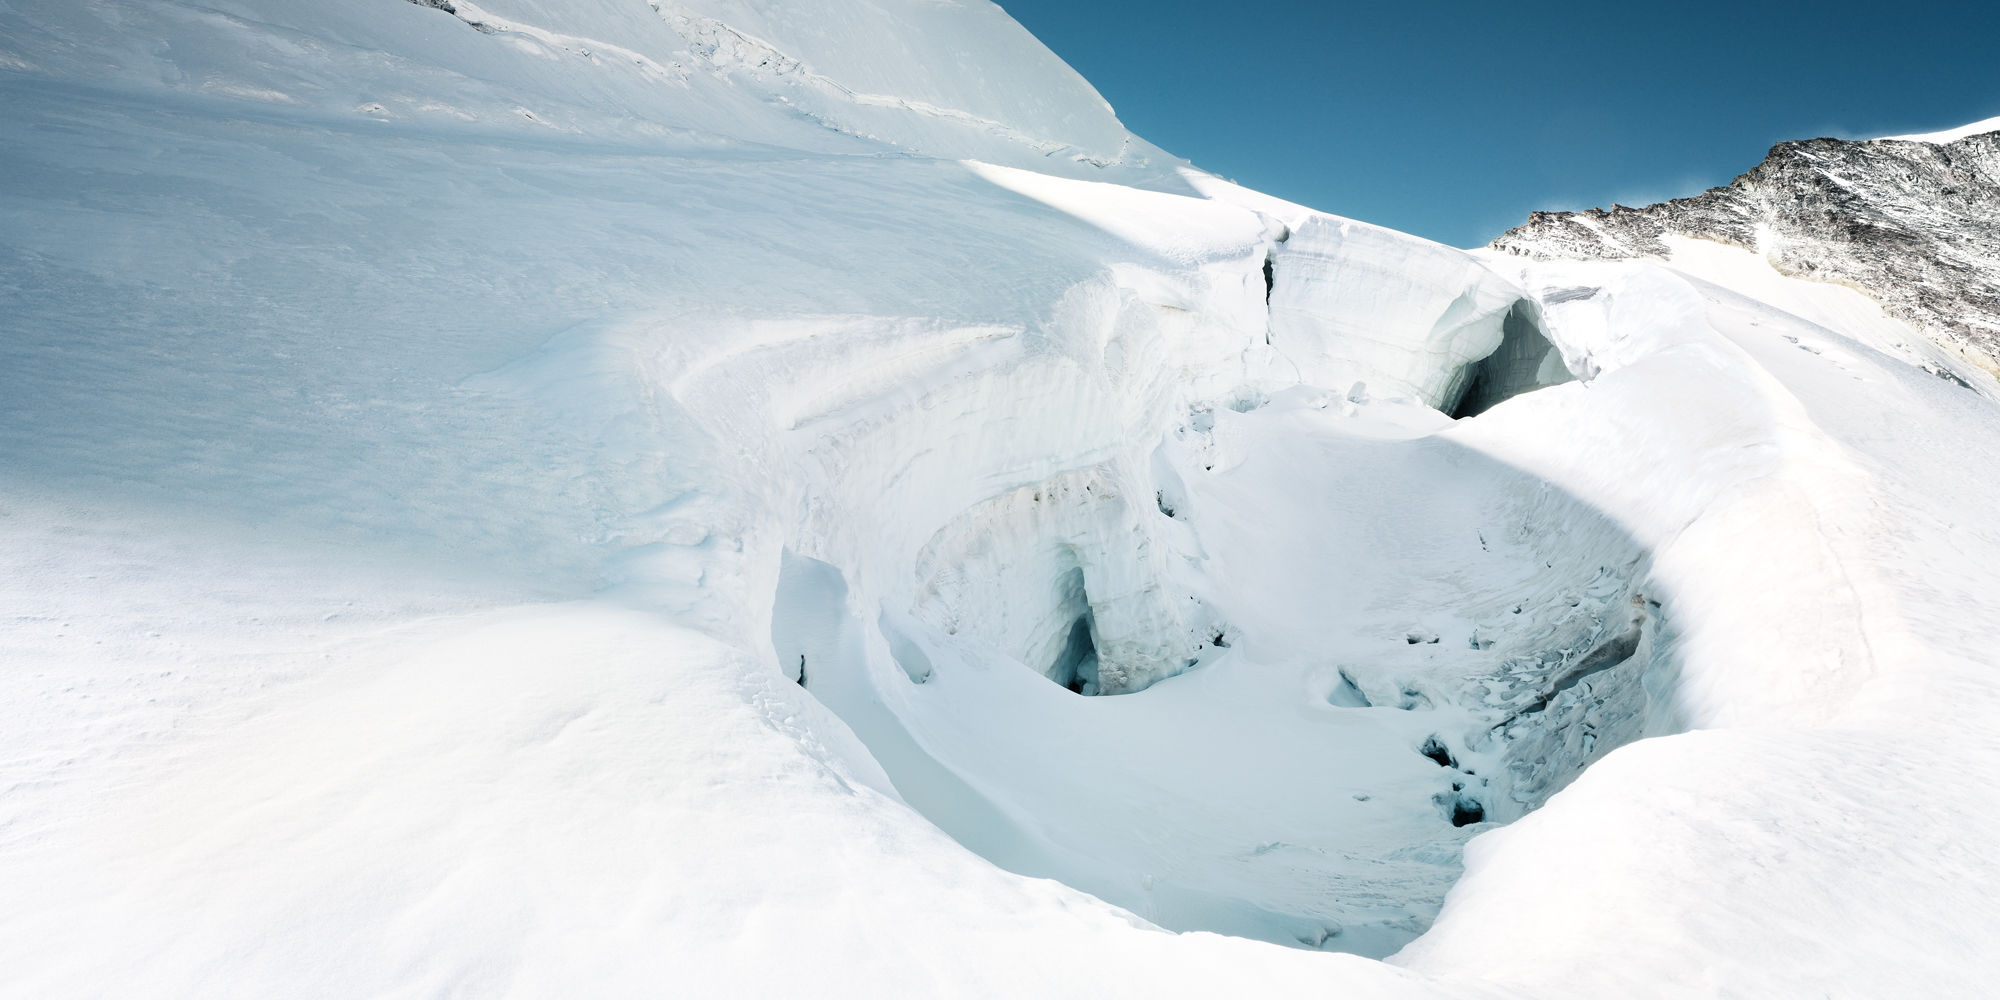 Gletscherspalte in der Freien Ferienrepublik Saas-Fee